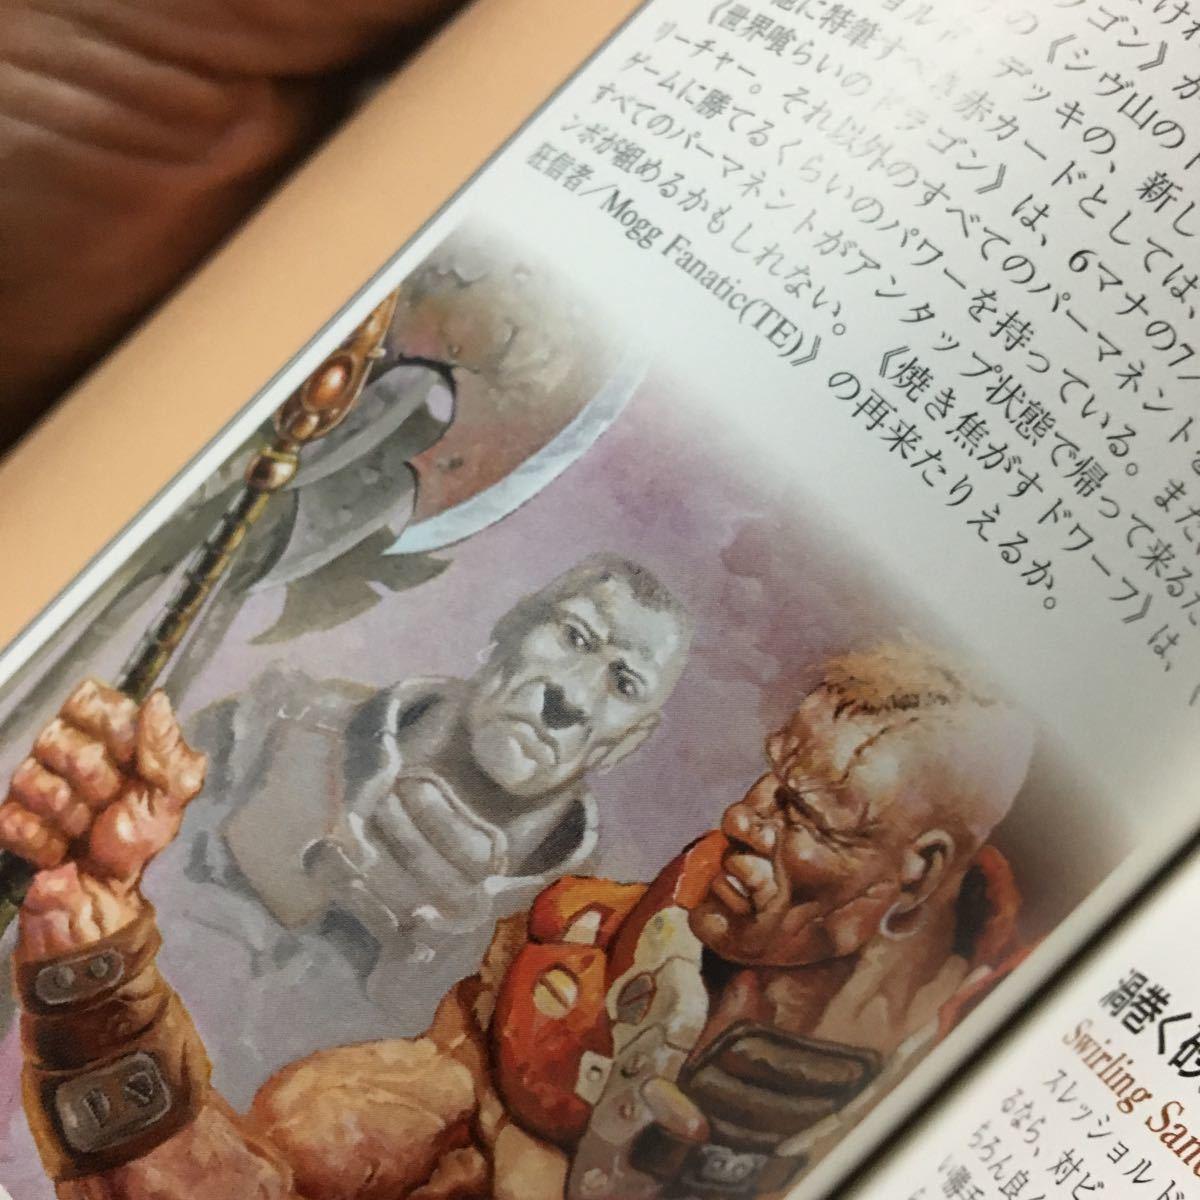 【JUDGEMENT 公式ハンドブック】MAGIC ジャッジメント オフィシャル ガイド 2002年 鶴田慶之 カードゲーム ホビー 【19/11 A-1】_画像8